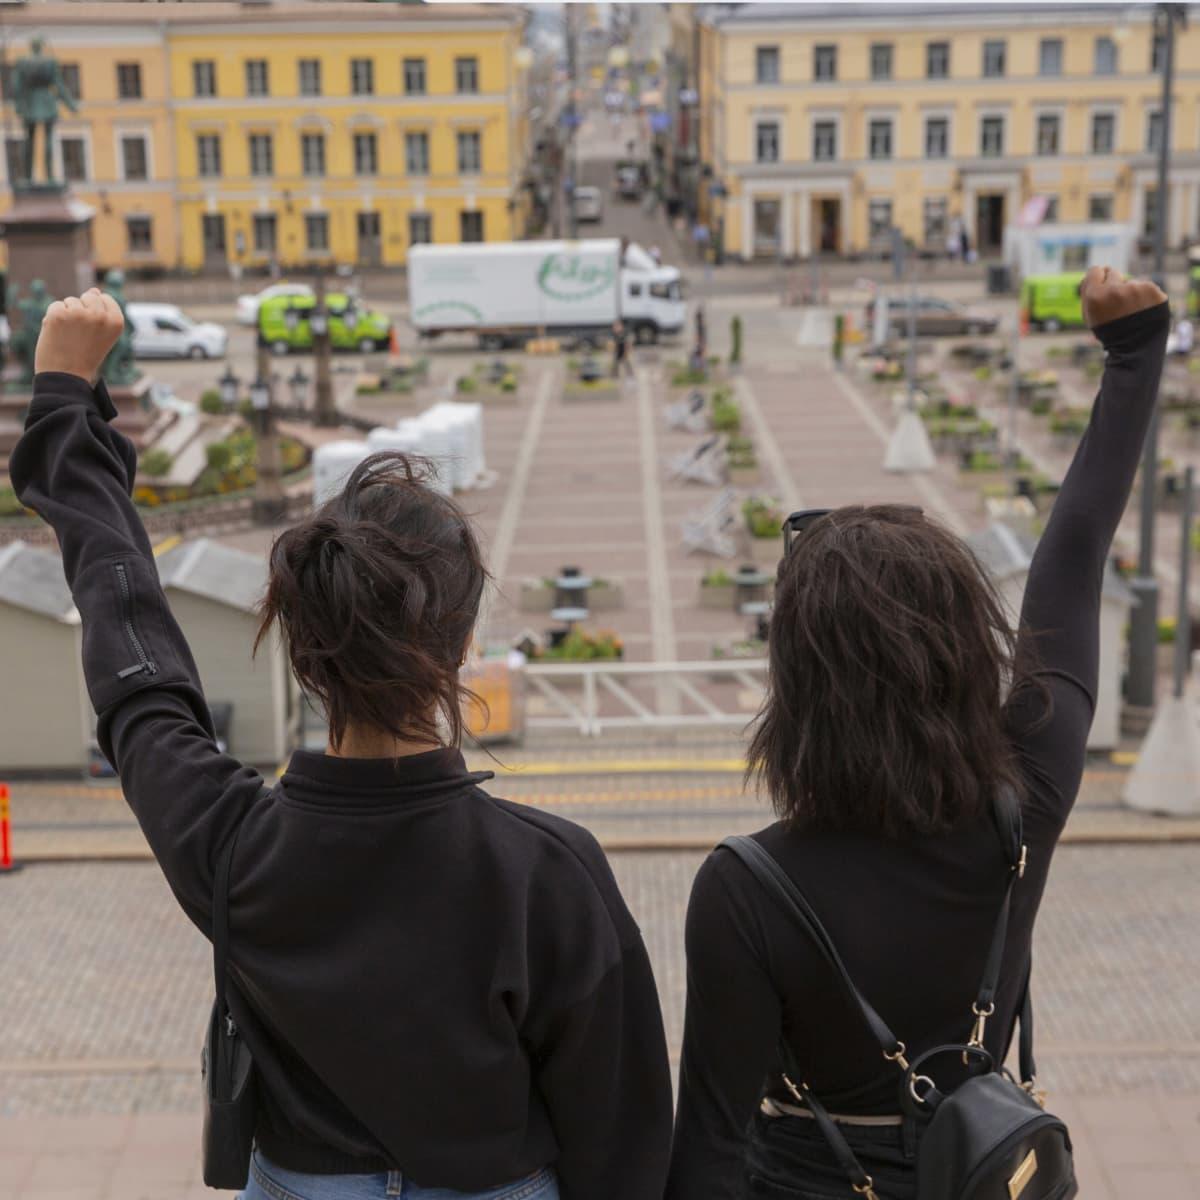 Kaksi naista seisomassa kädet nyrkkiin puristettuna.